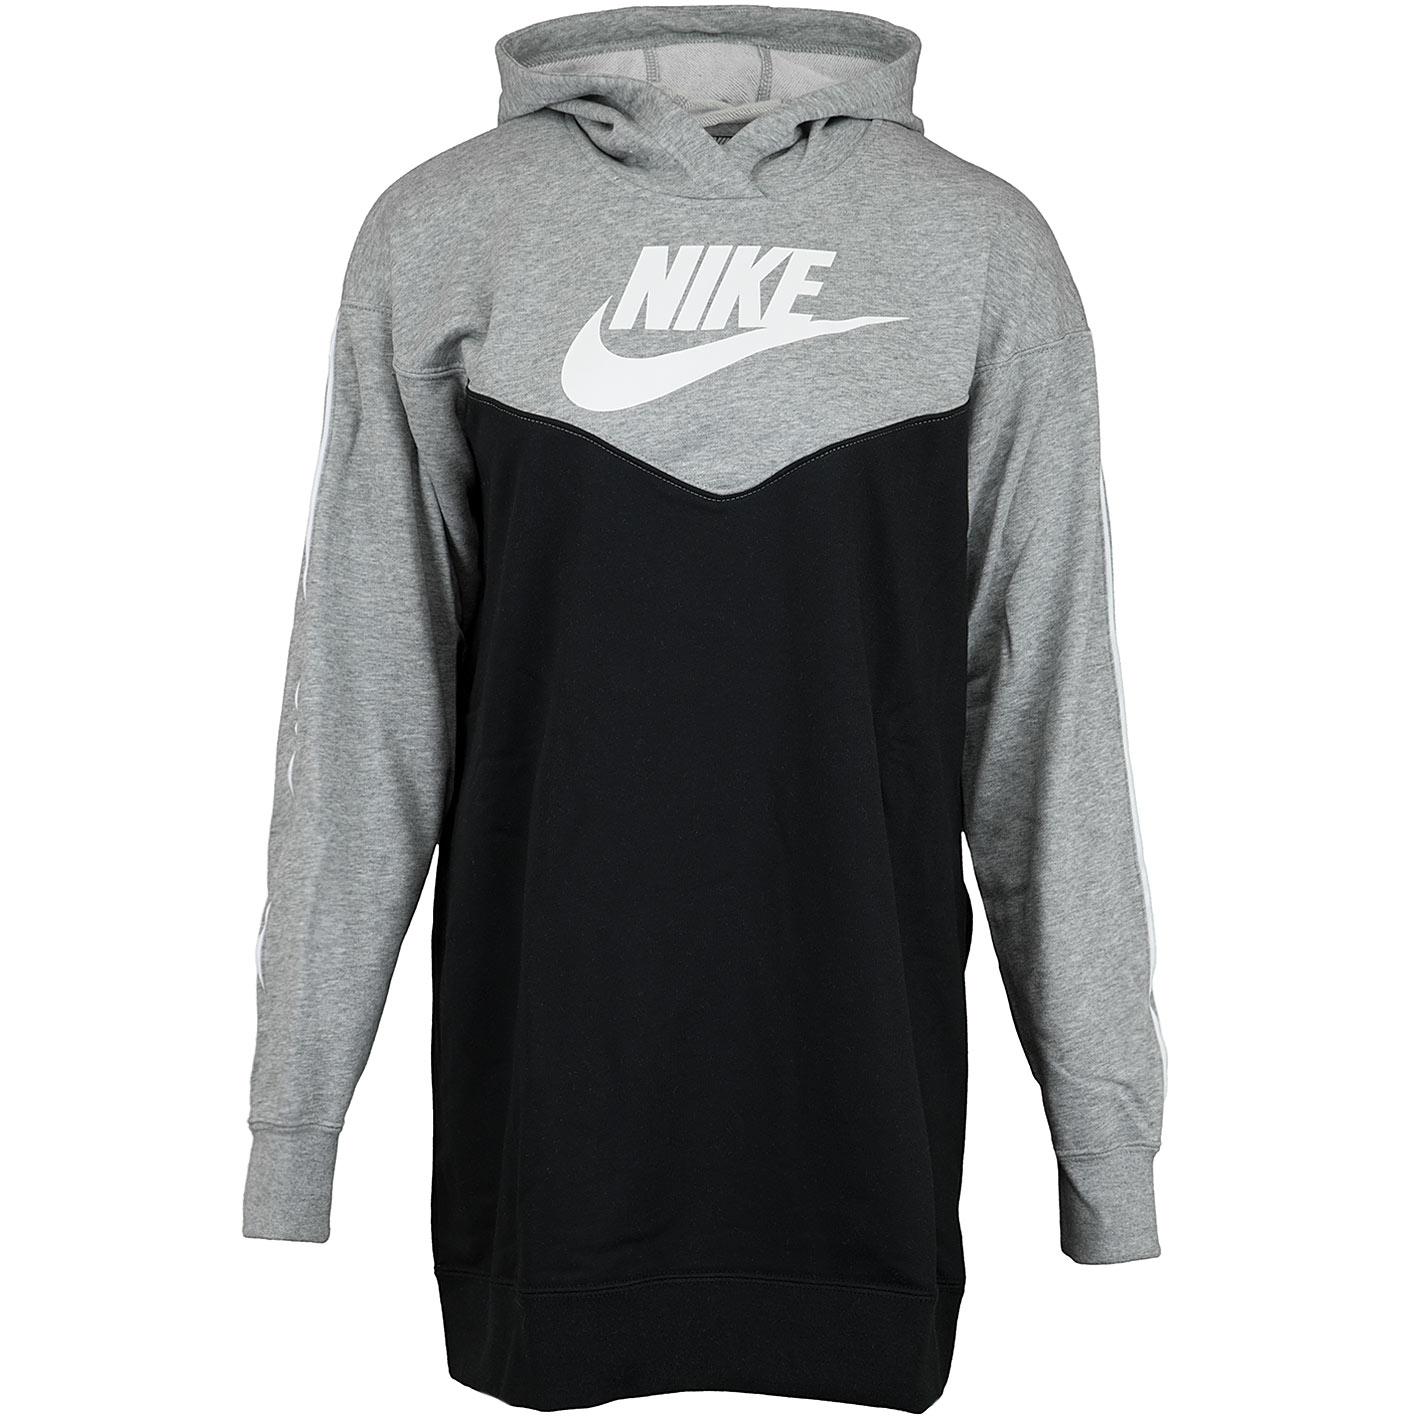 pretty nice 2515e 0245b Nike Kleid Heritage Hood schwarz/grau/weiß